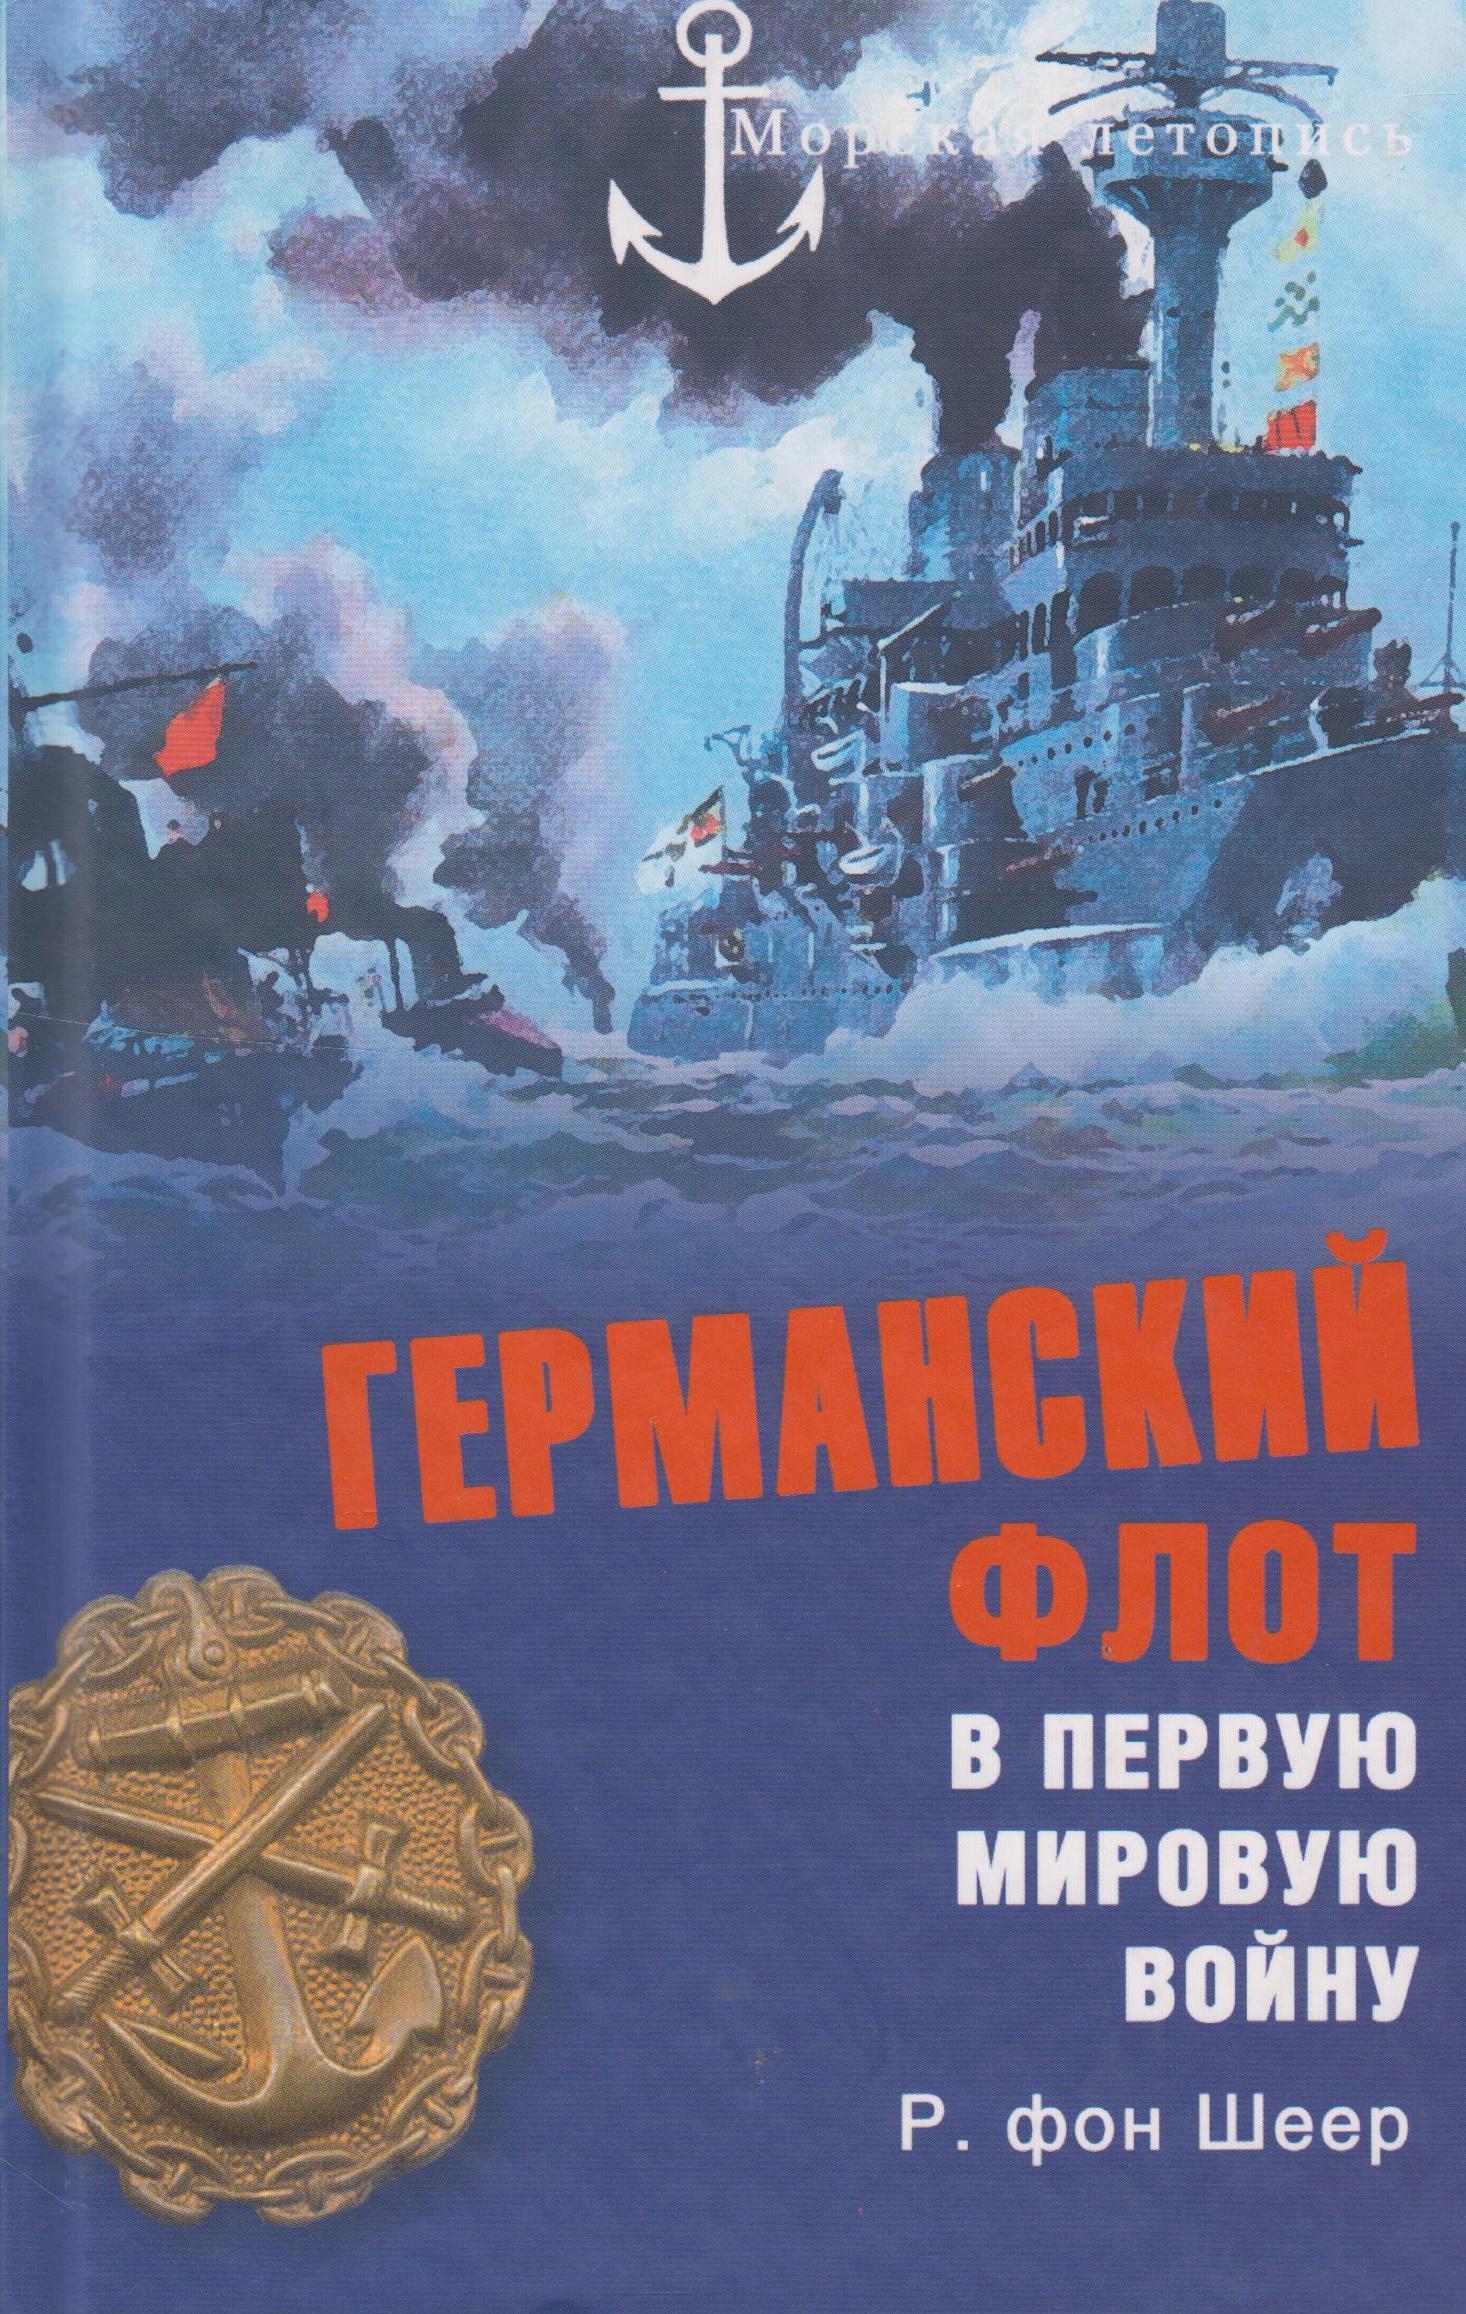 Шеер фон Рейнгард Германский флот в Первую мировую войну